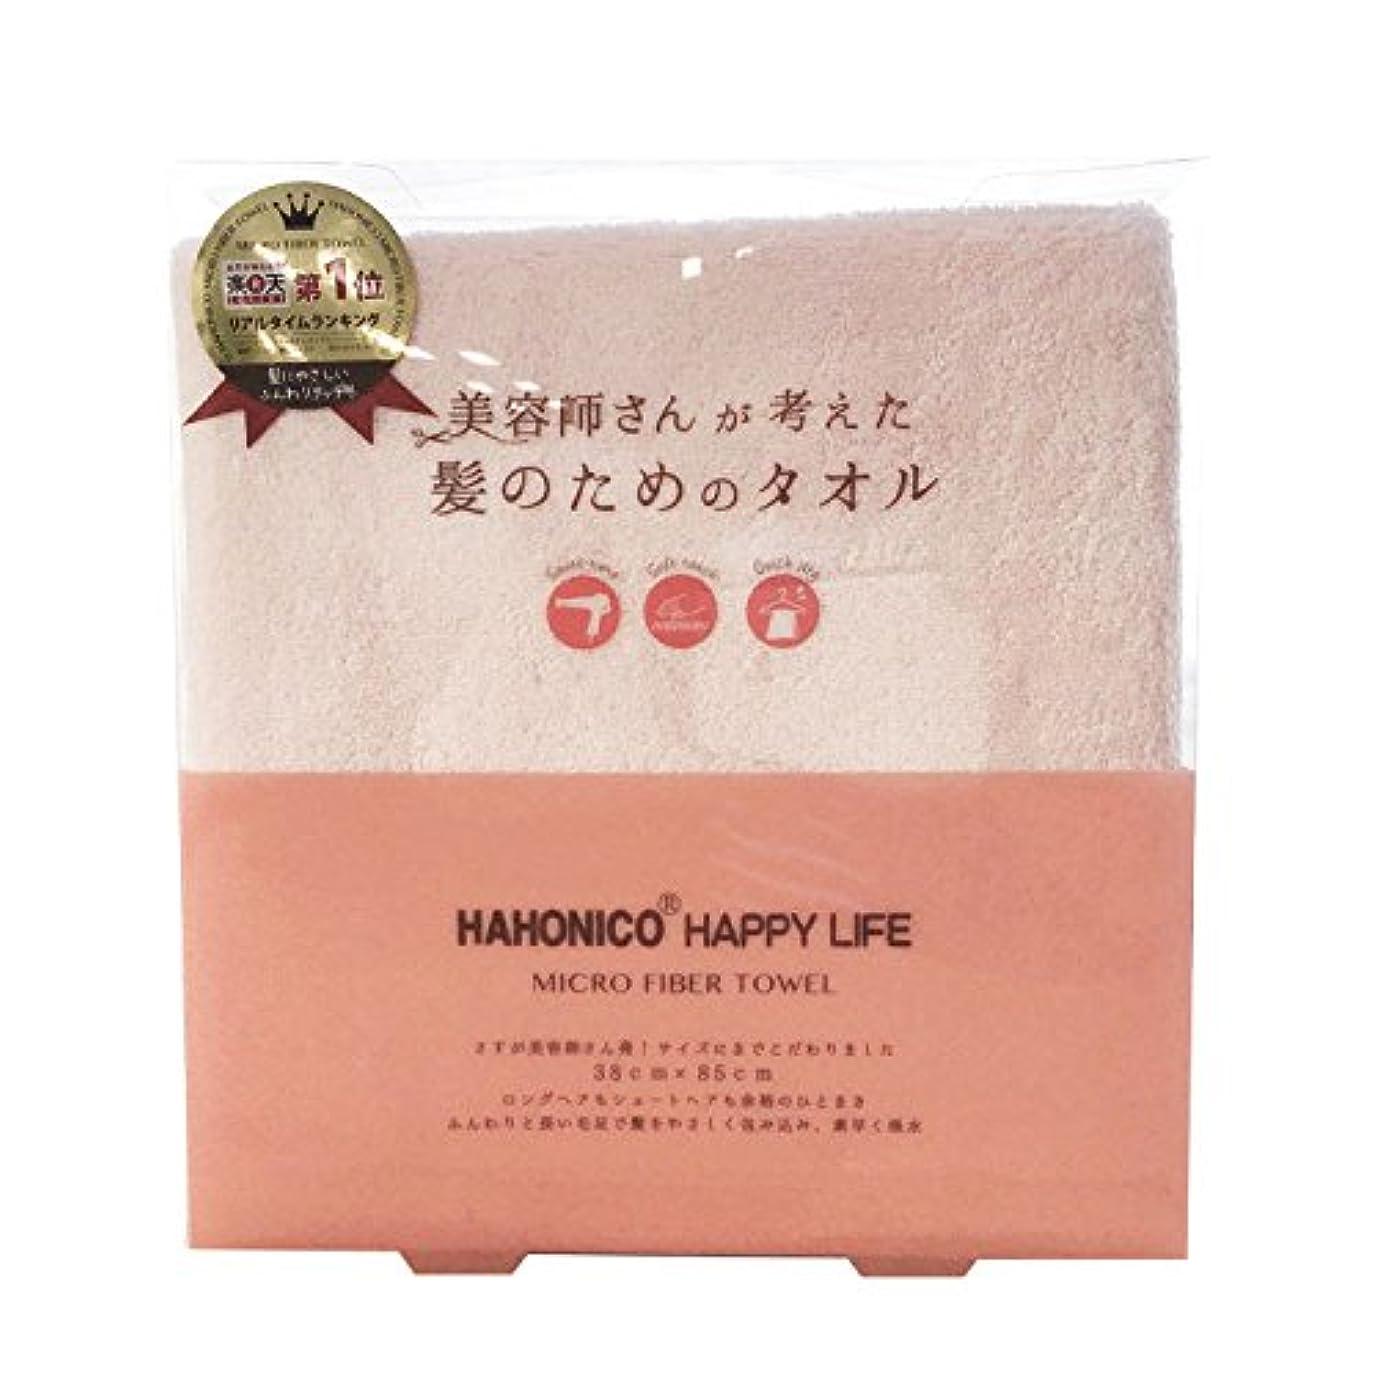 錆びで出来ている割り当てハホニコ ヘアドライマイクロファイバータオル ピンク